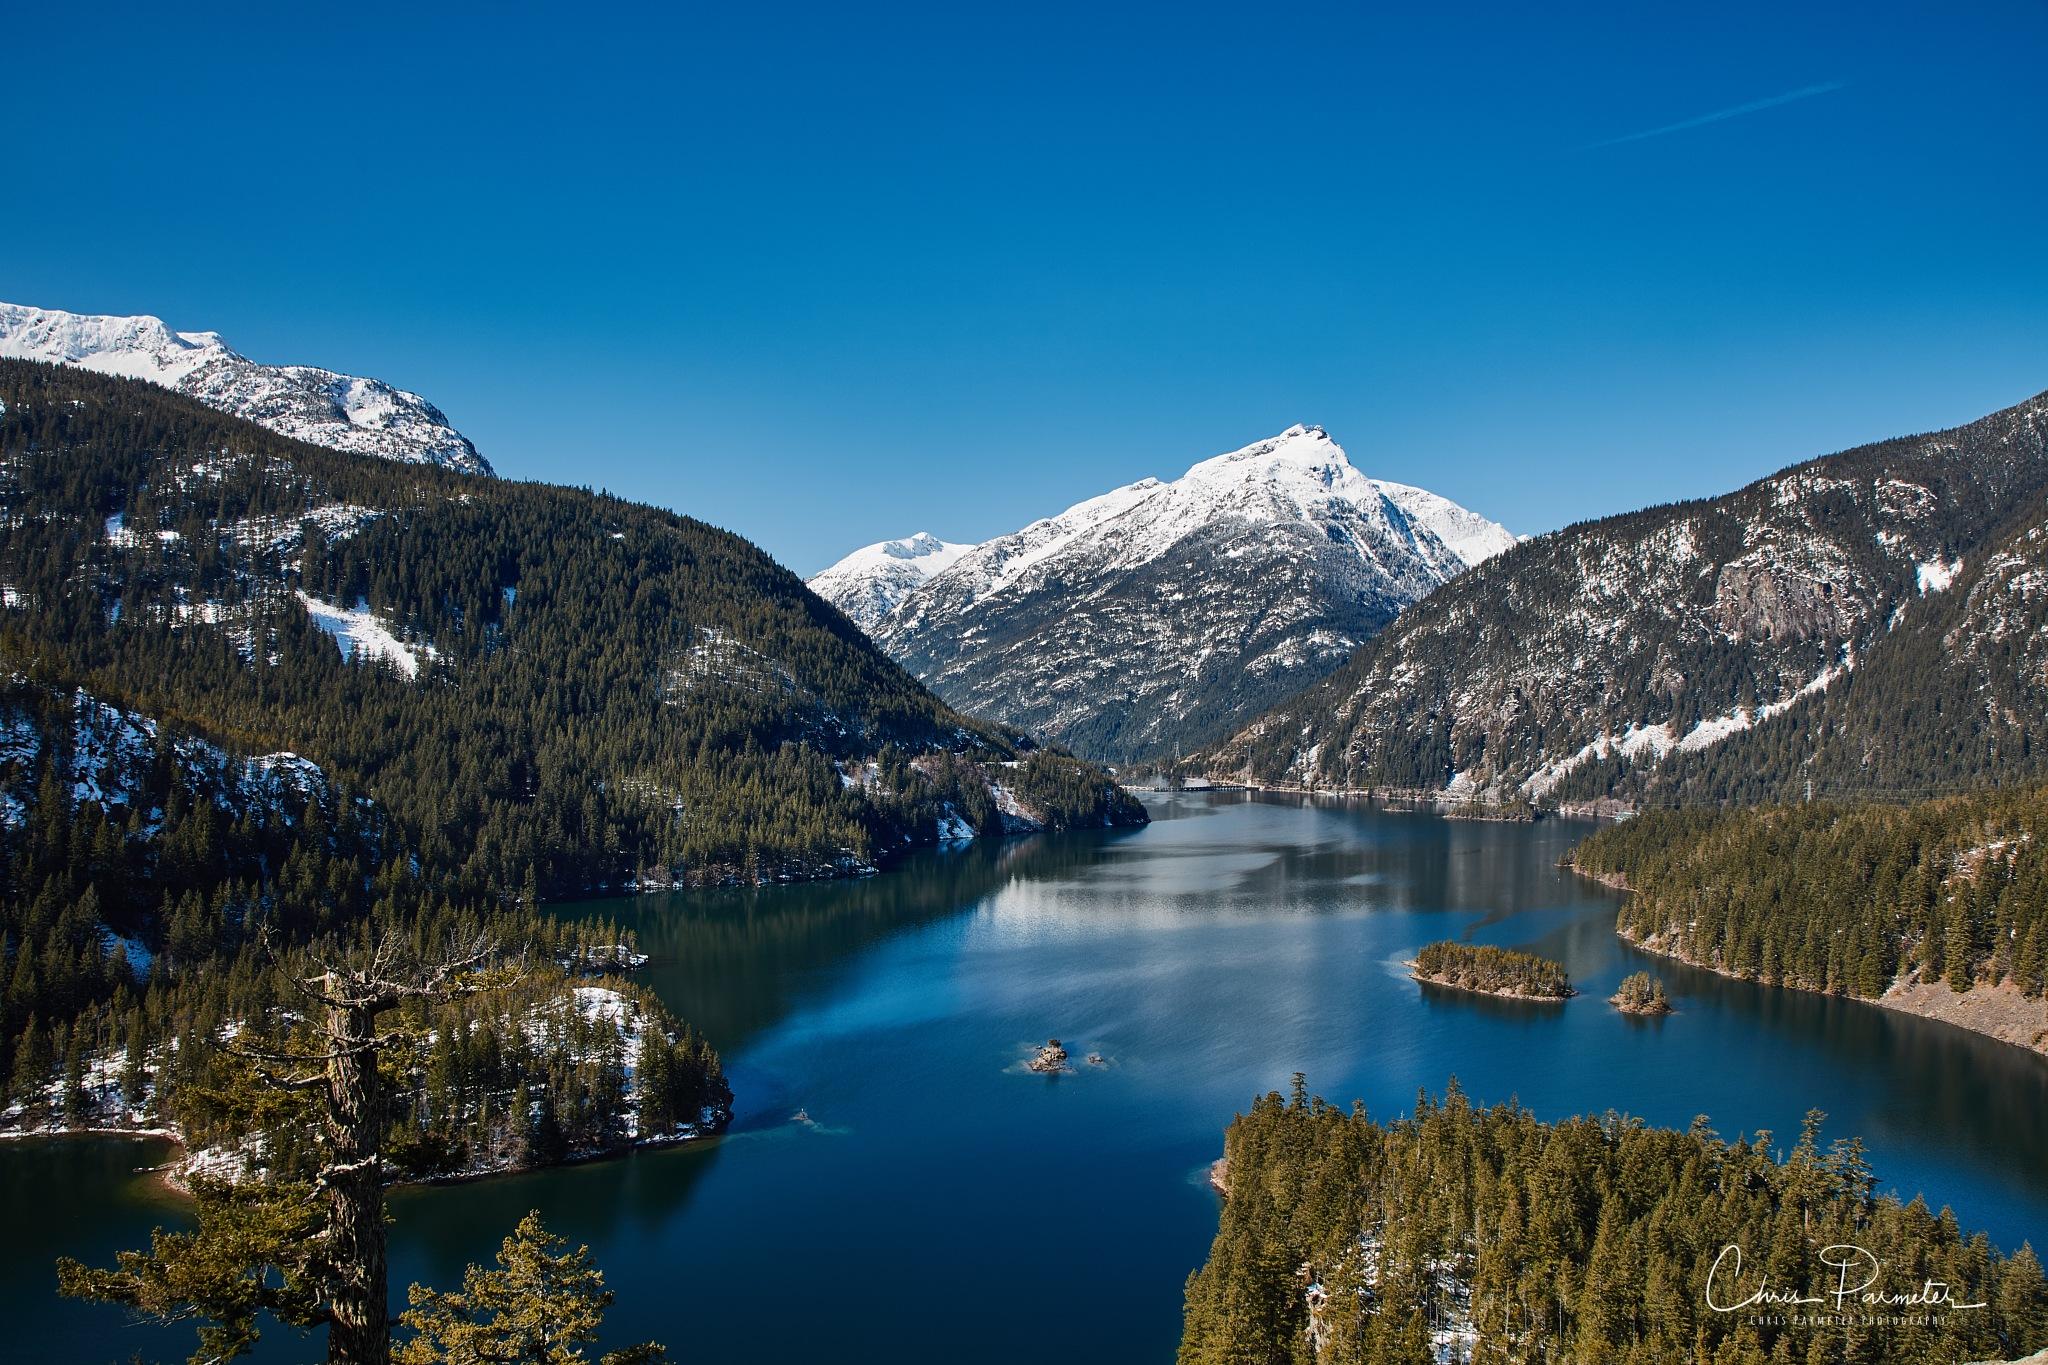 Diablo Lake, WA by Chris Parmeter